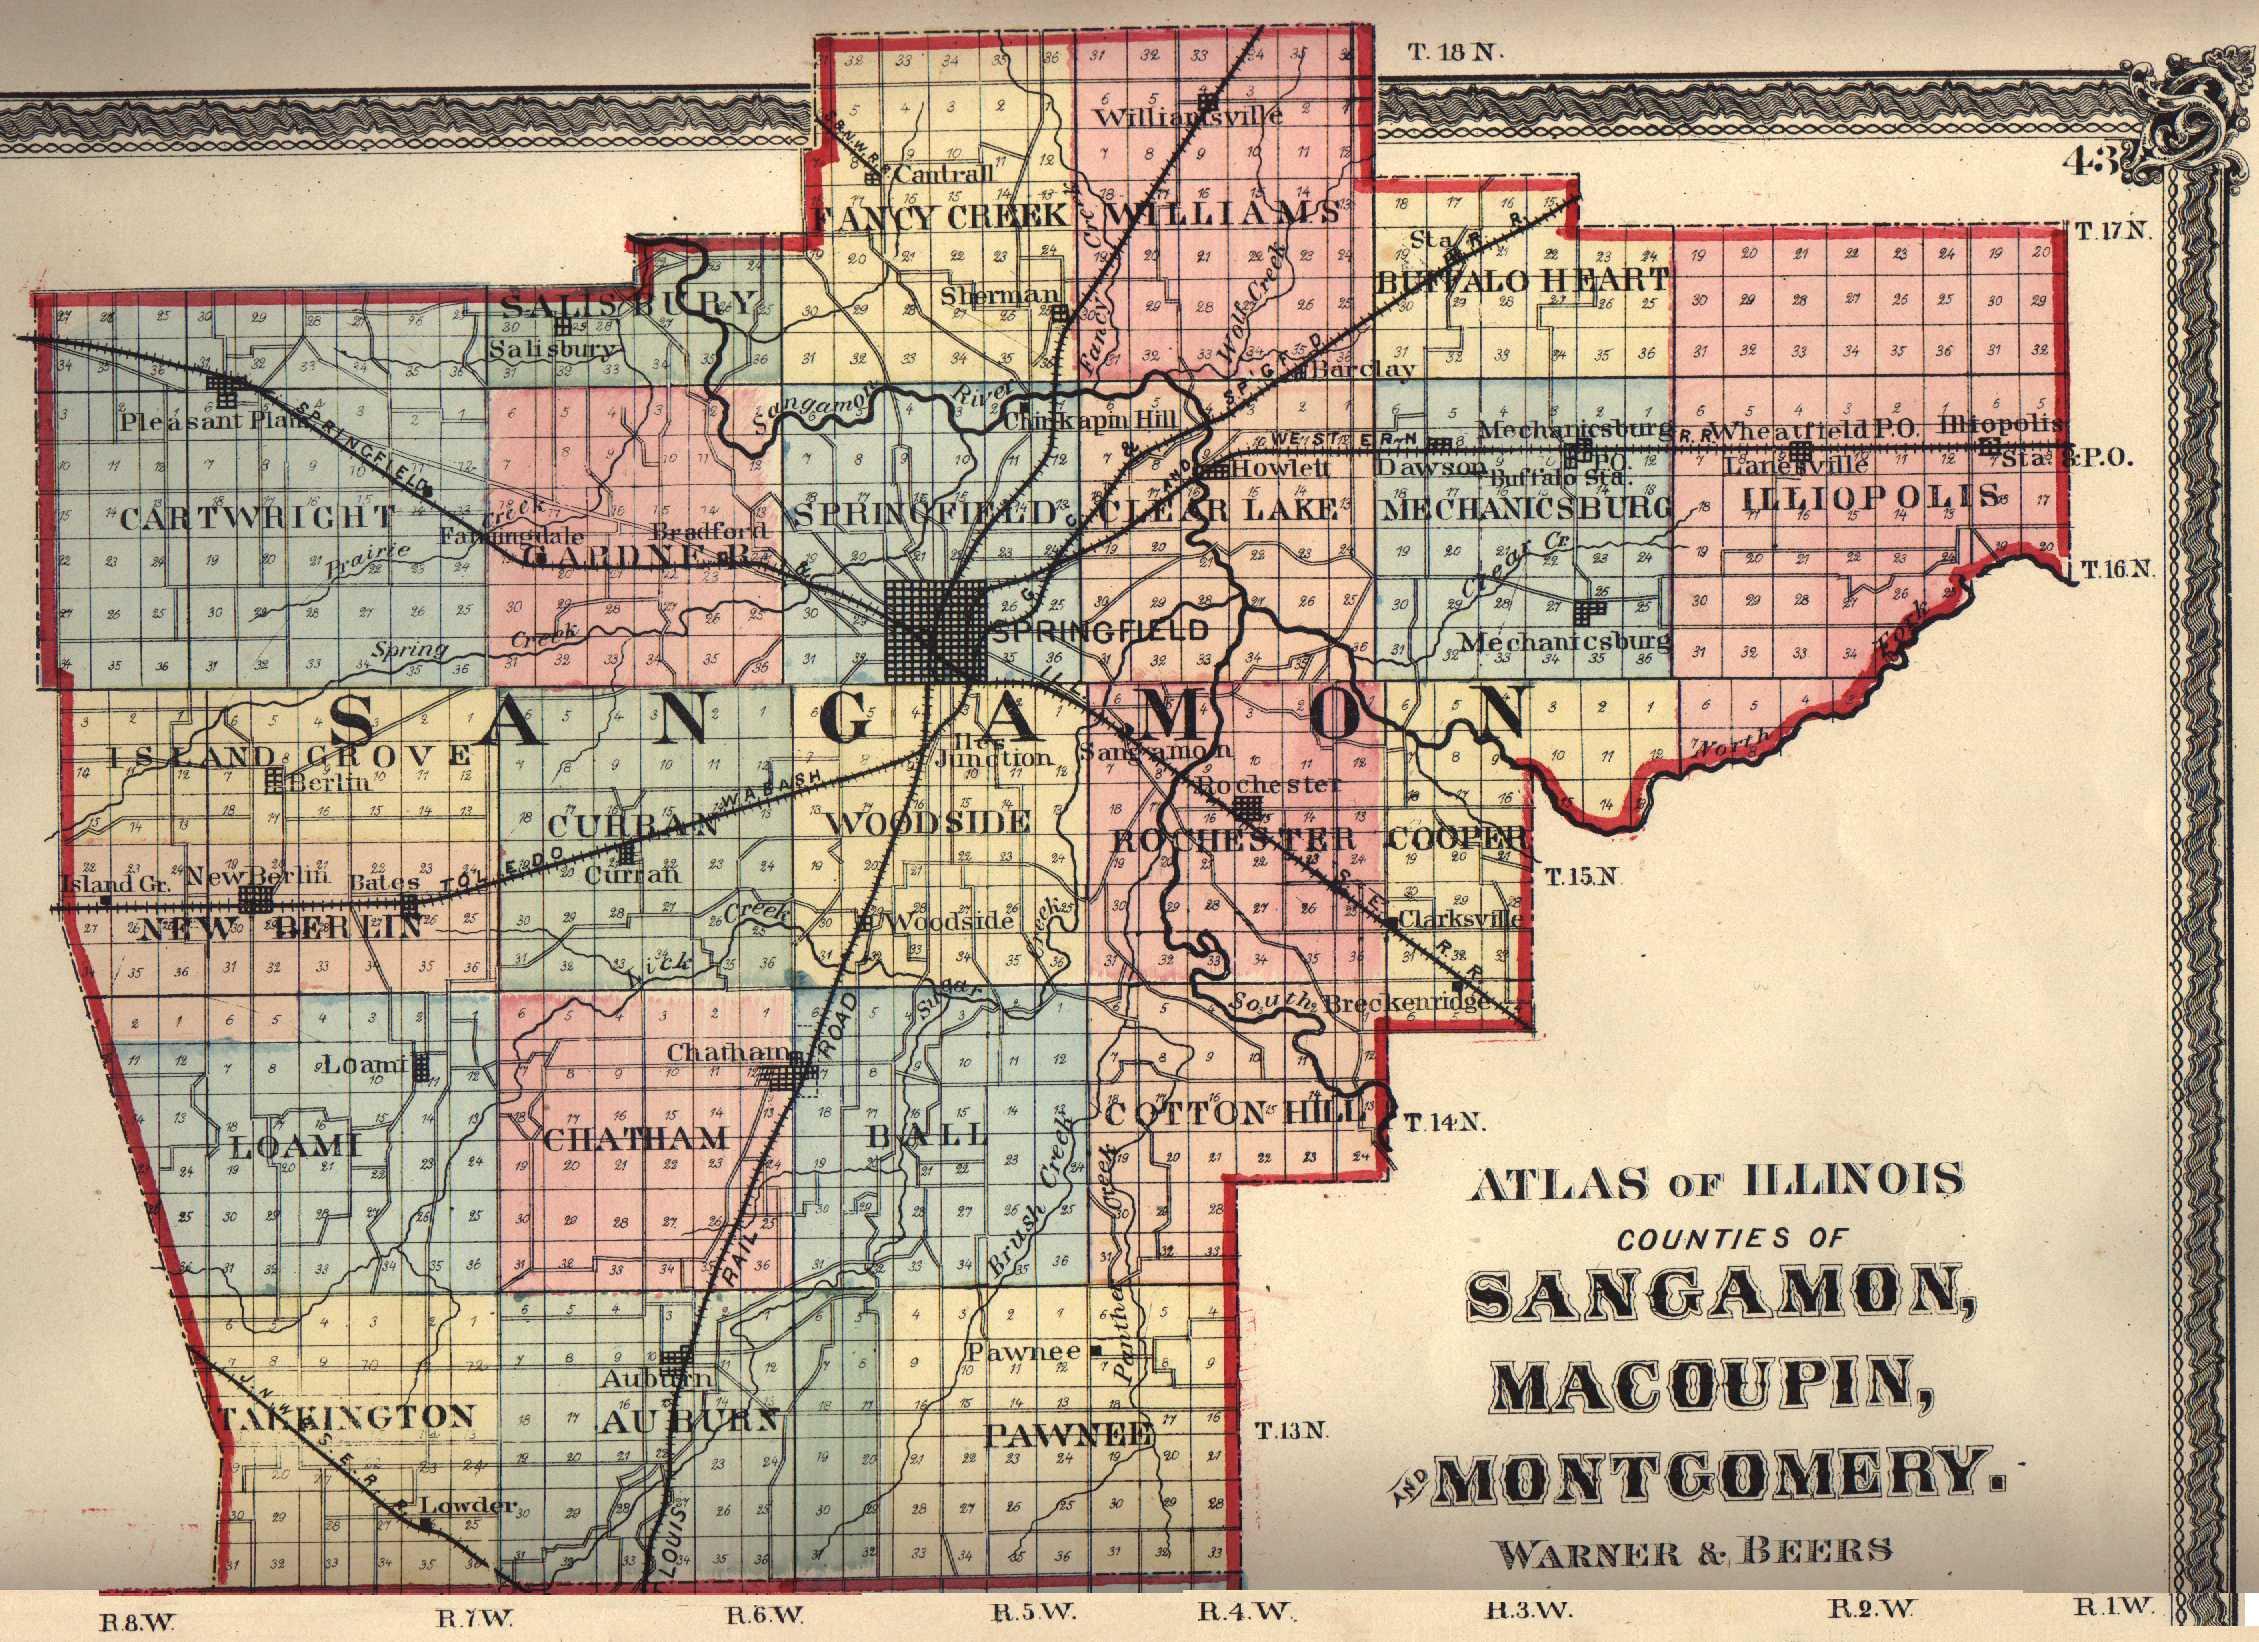 Sangamon County Illinois Maps And Gazetteers